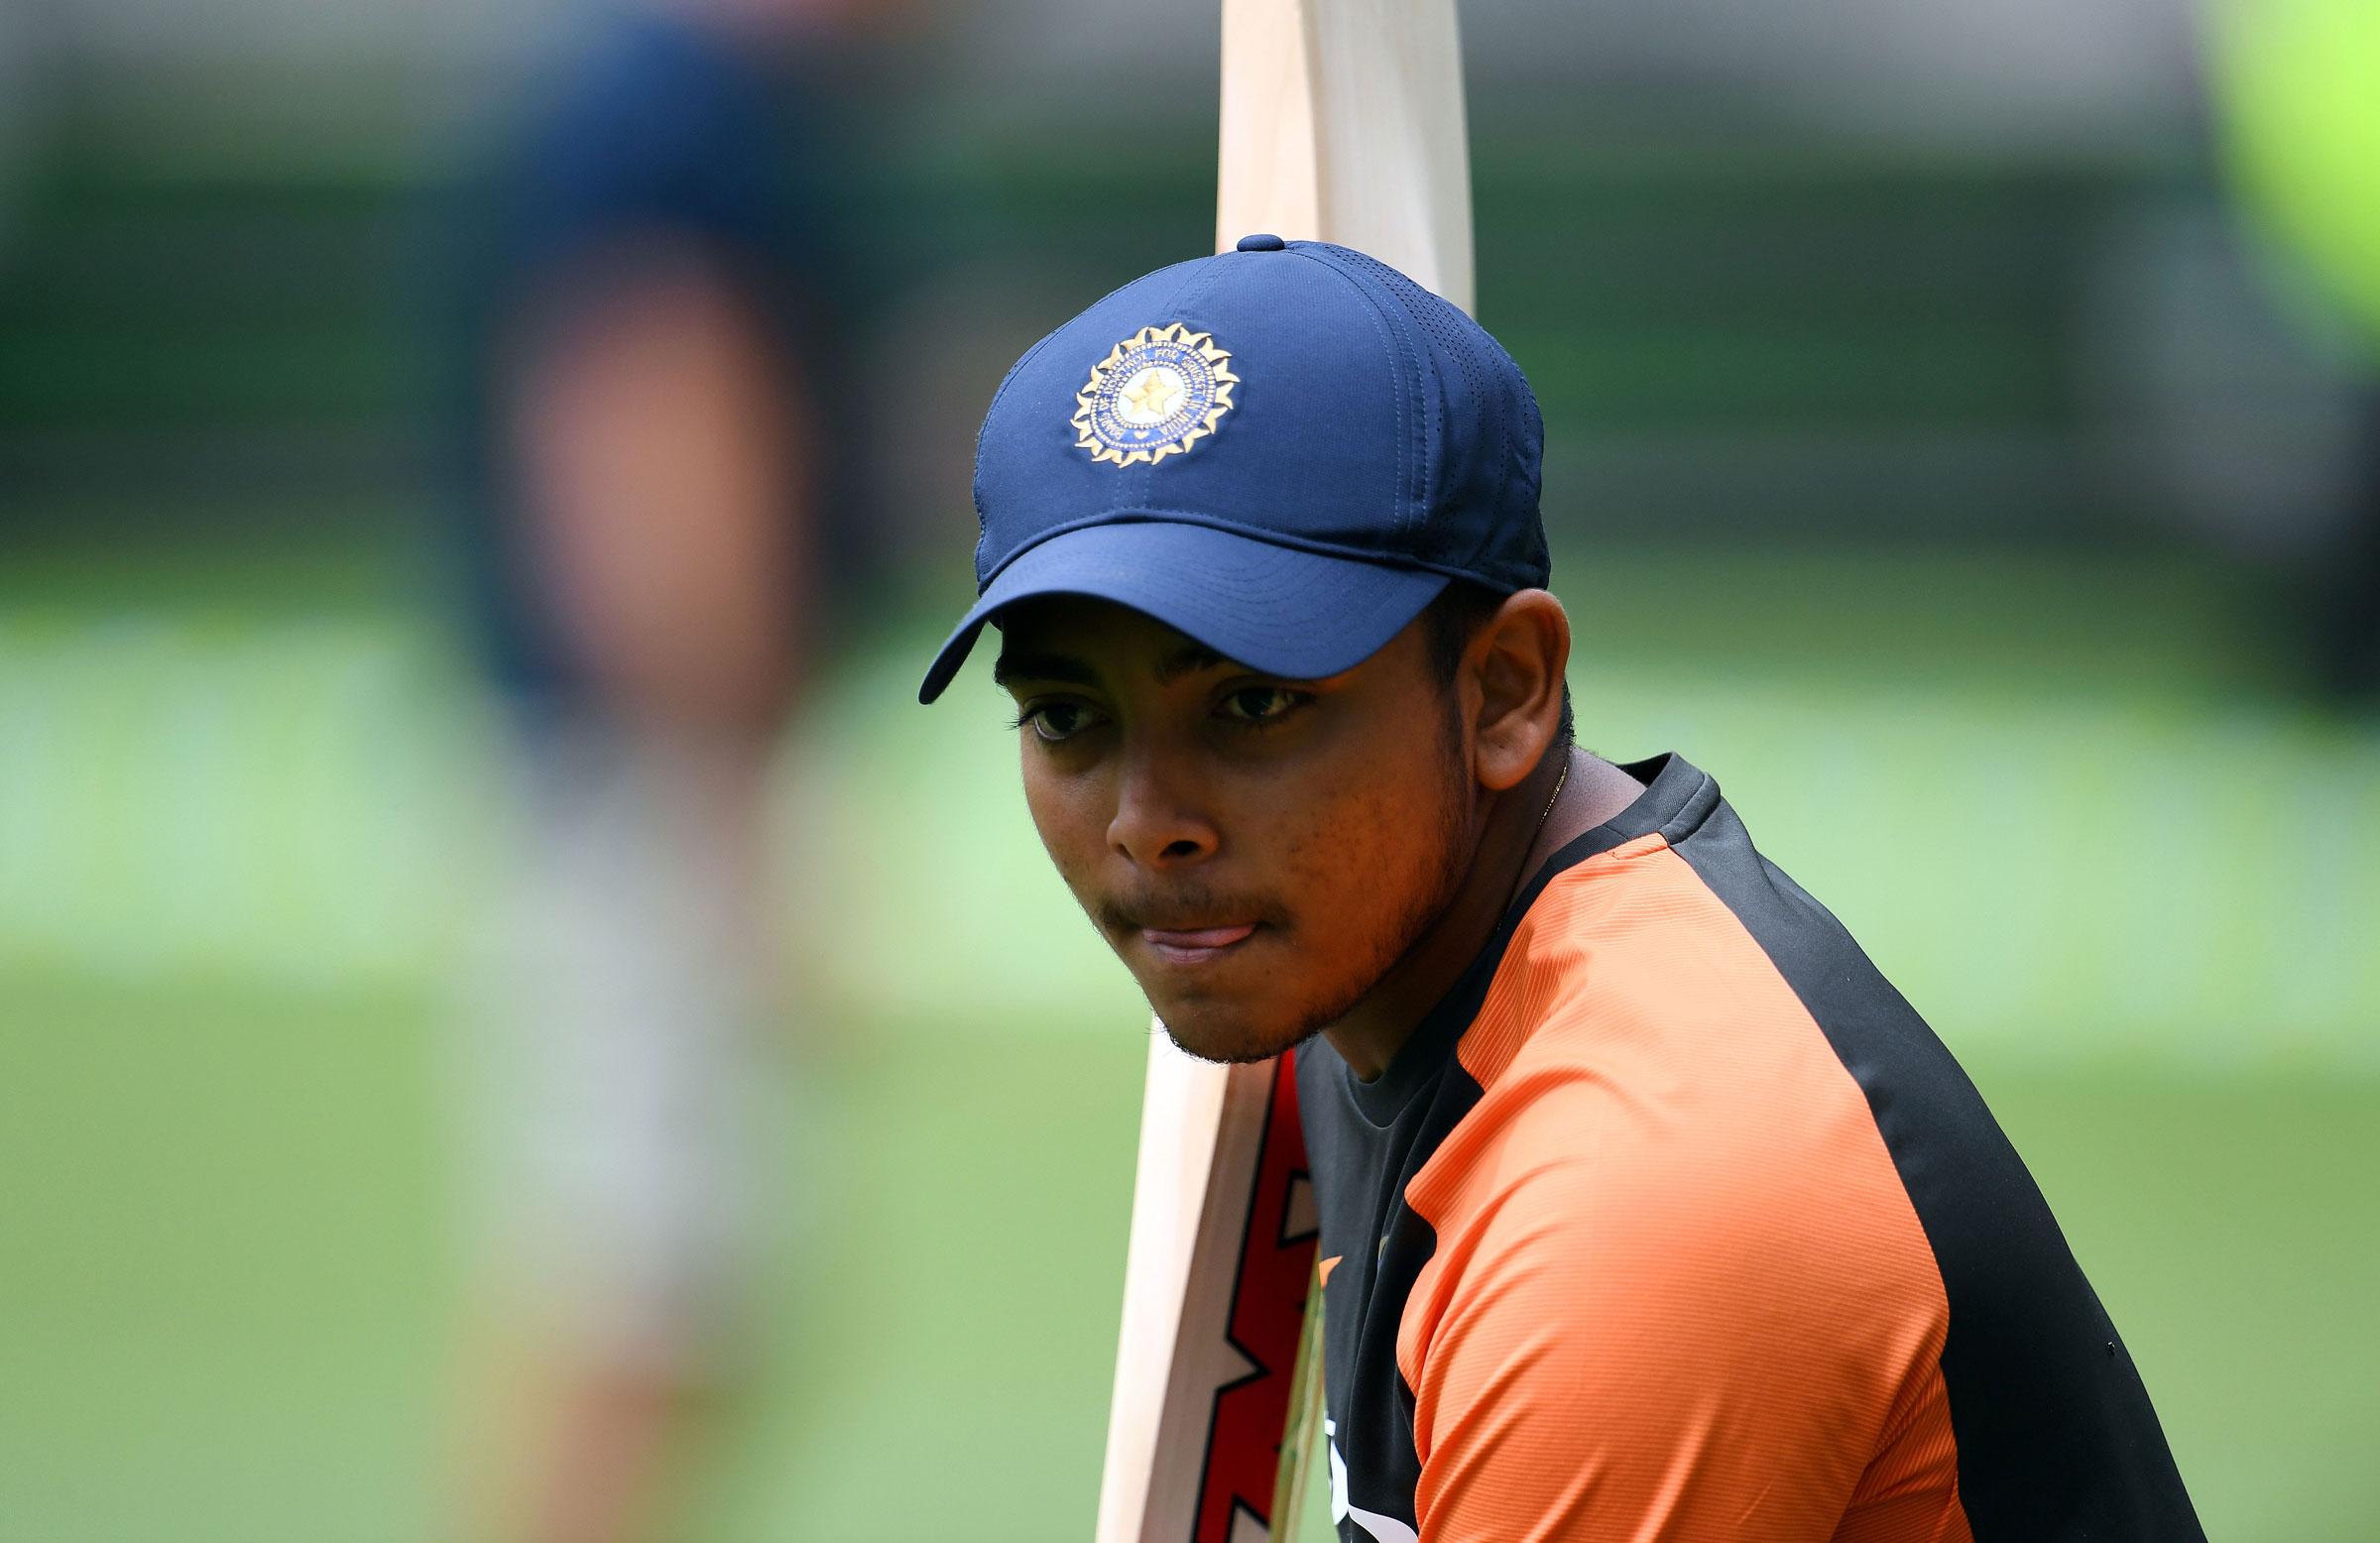 चोट से उबर रहे भातीय टीम के युवा बल्लेबाज पृथ्वी शॉ ने भरी हुंकार, कहा 'अपना टाइम आएगा, चोट से फिट होकर मैं रन बनायेगा..'